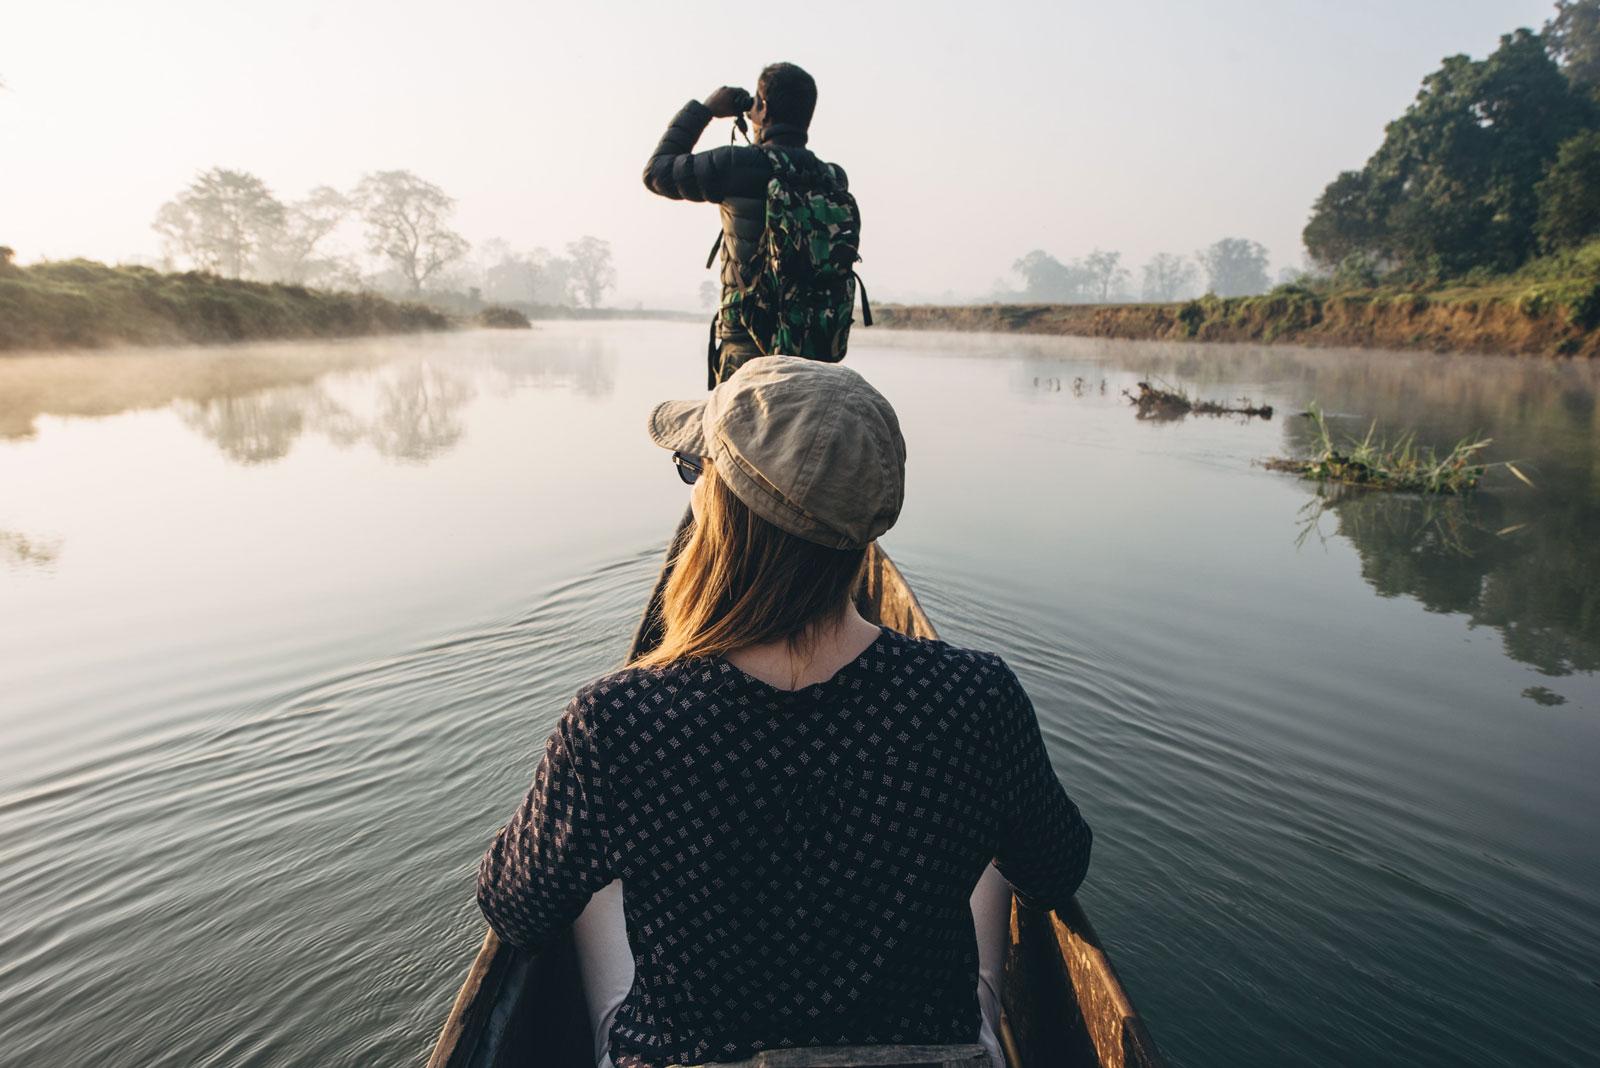 sortie canoe parc de chitwan népal